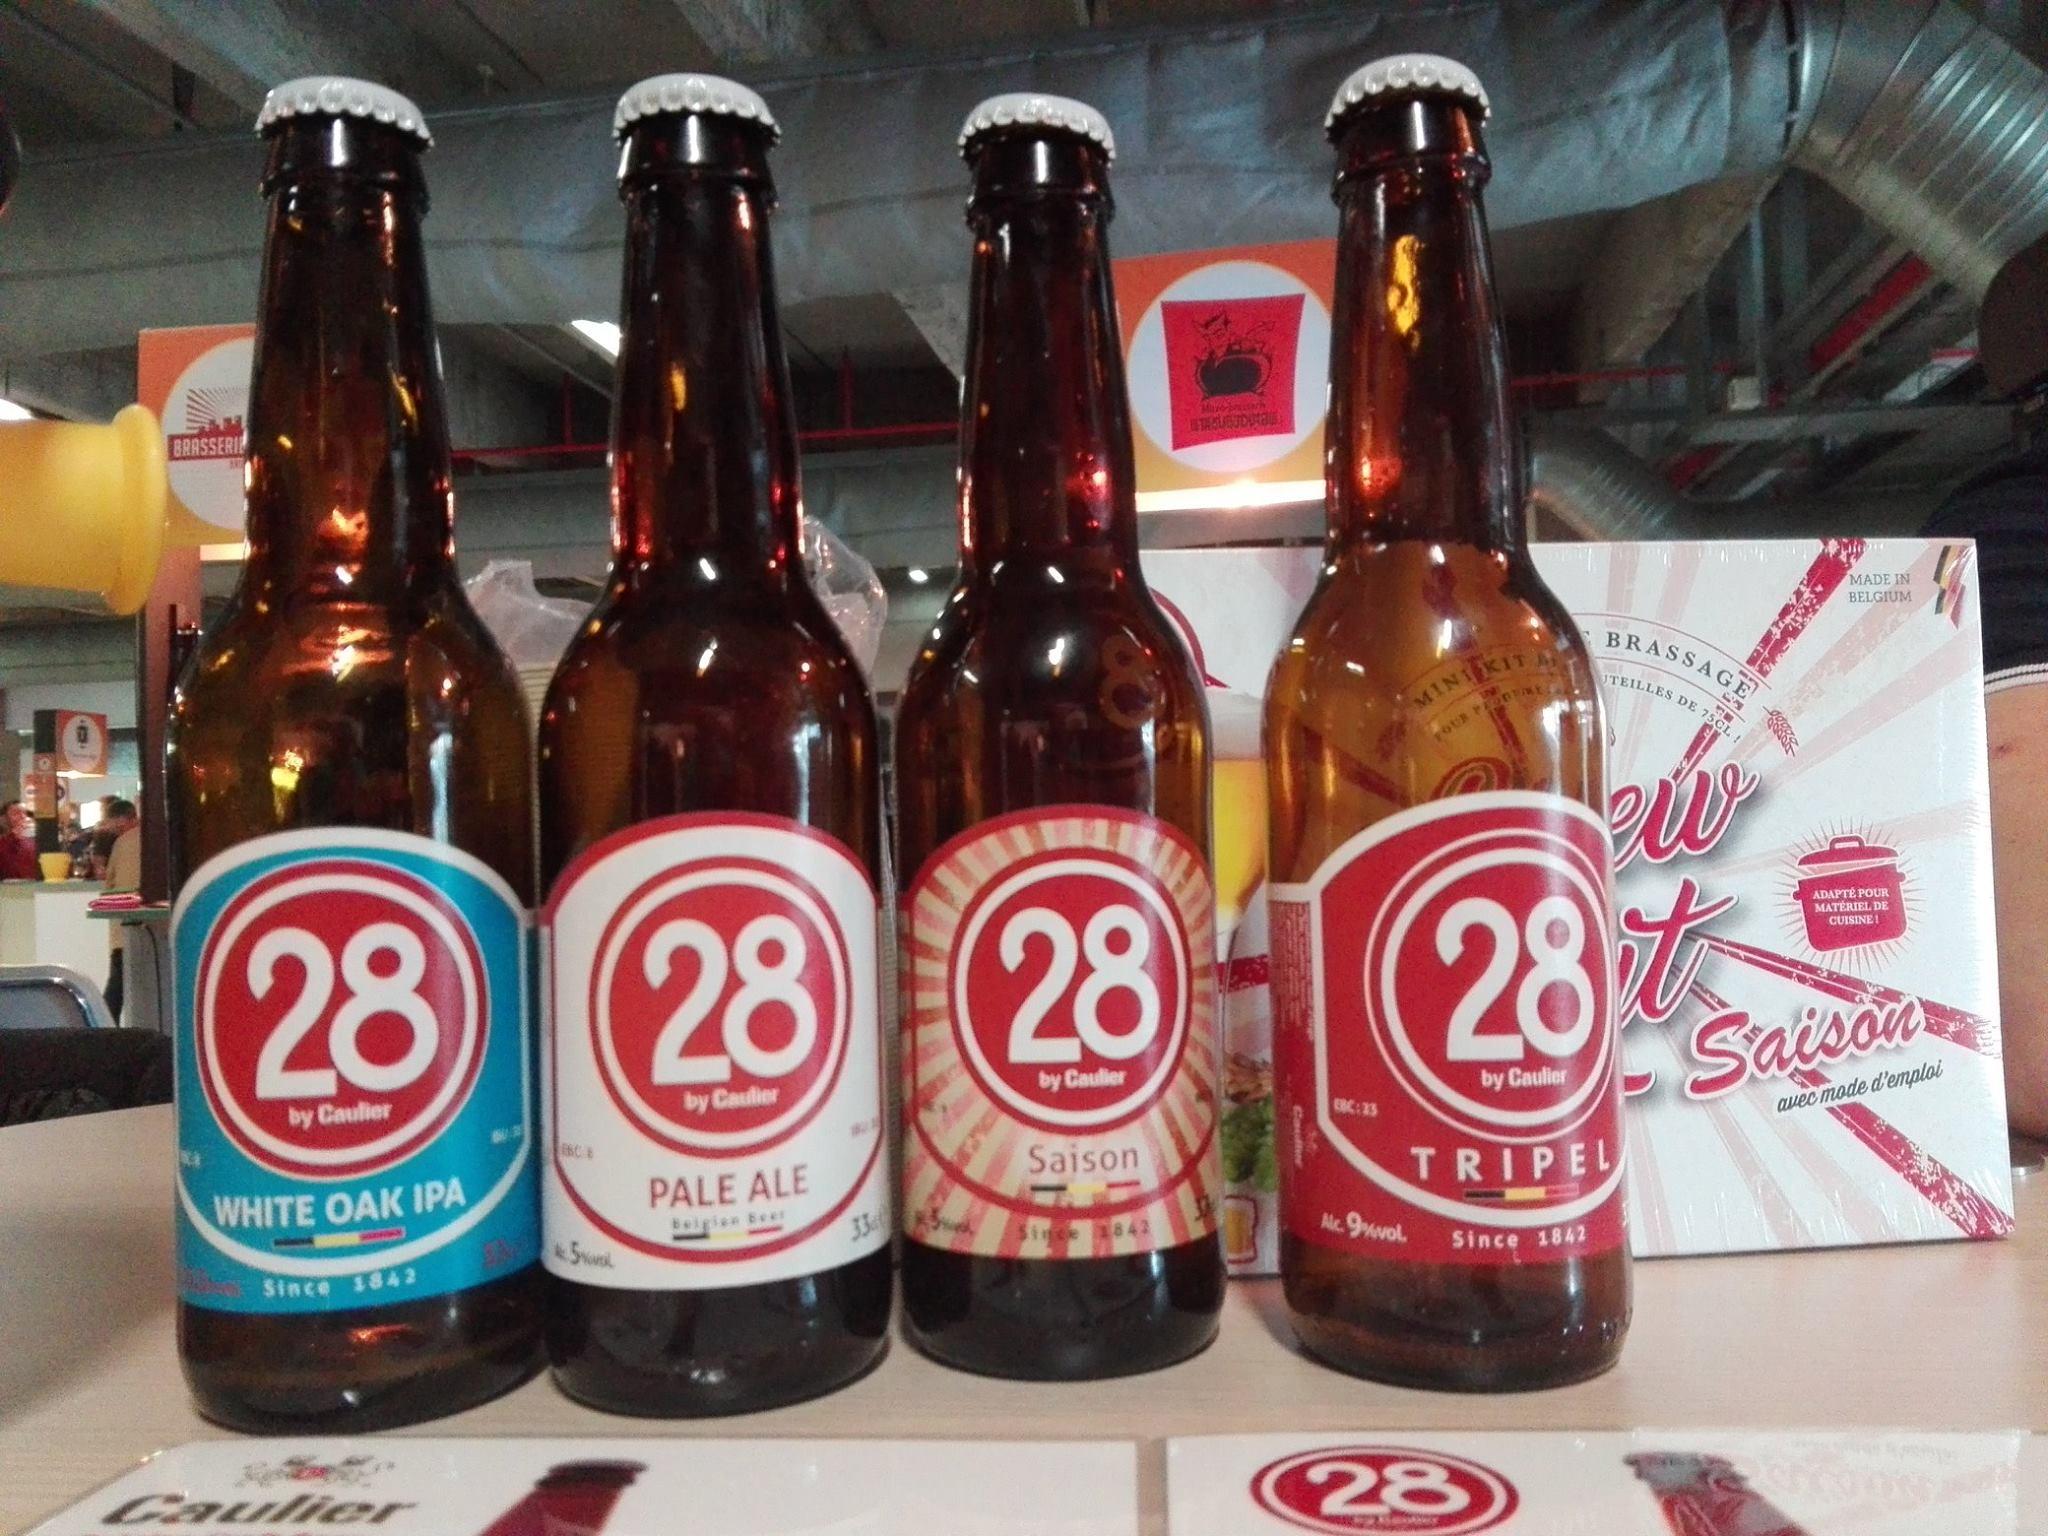 Caulier - Gamme 28 - Planète Bière 2018, Paris